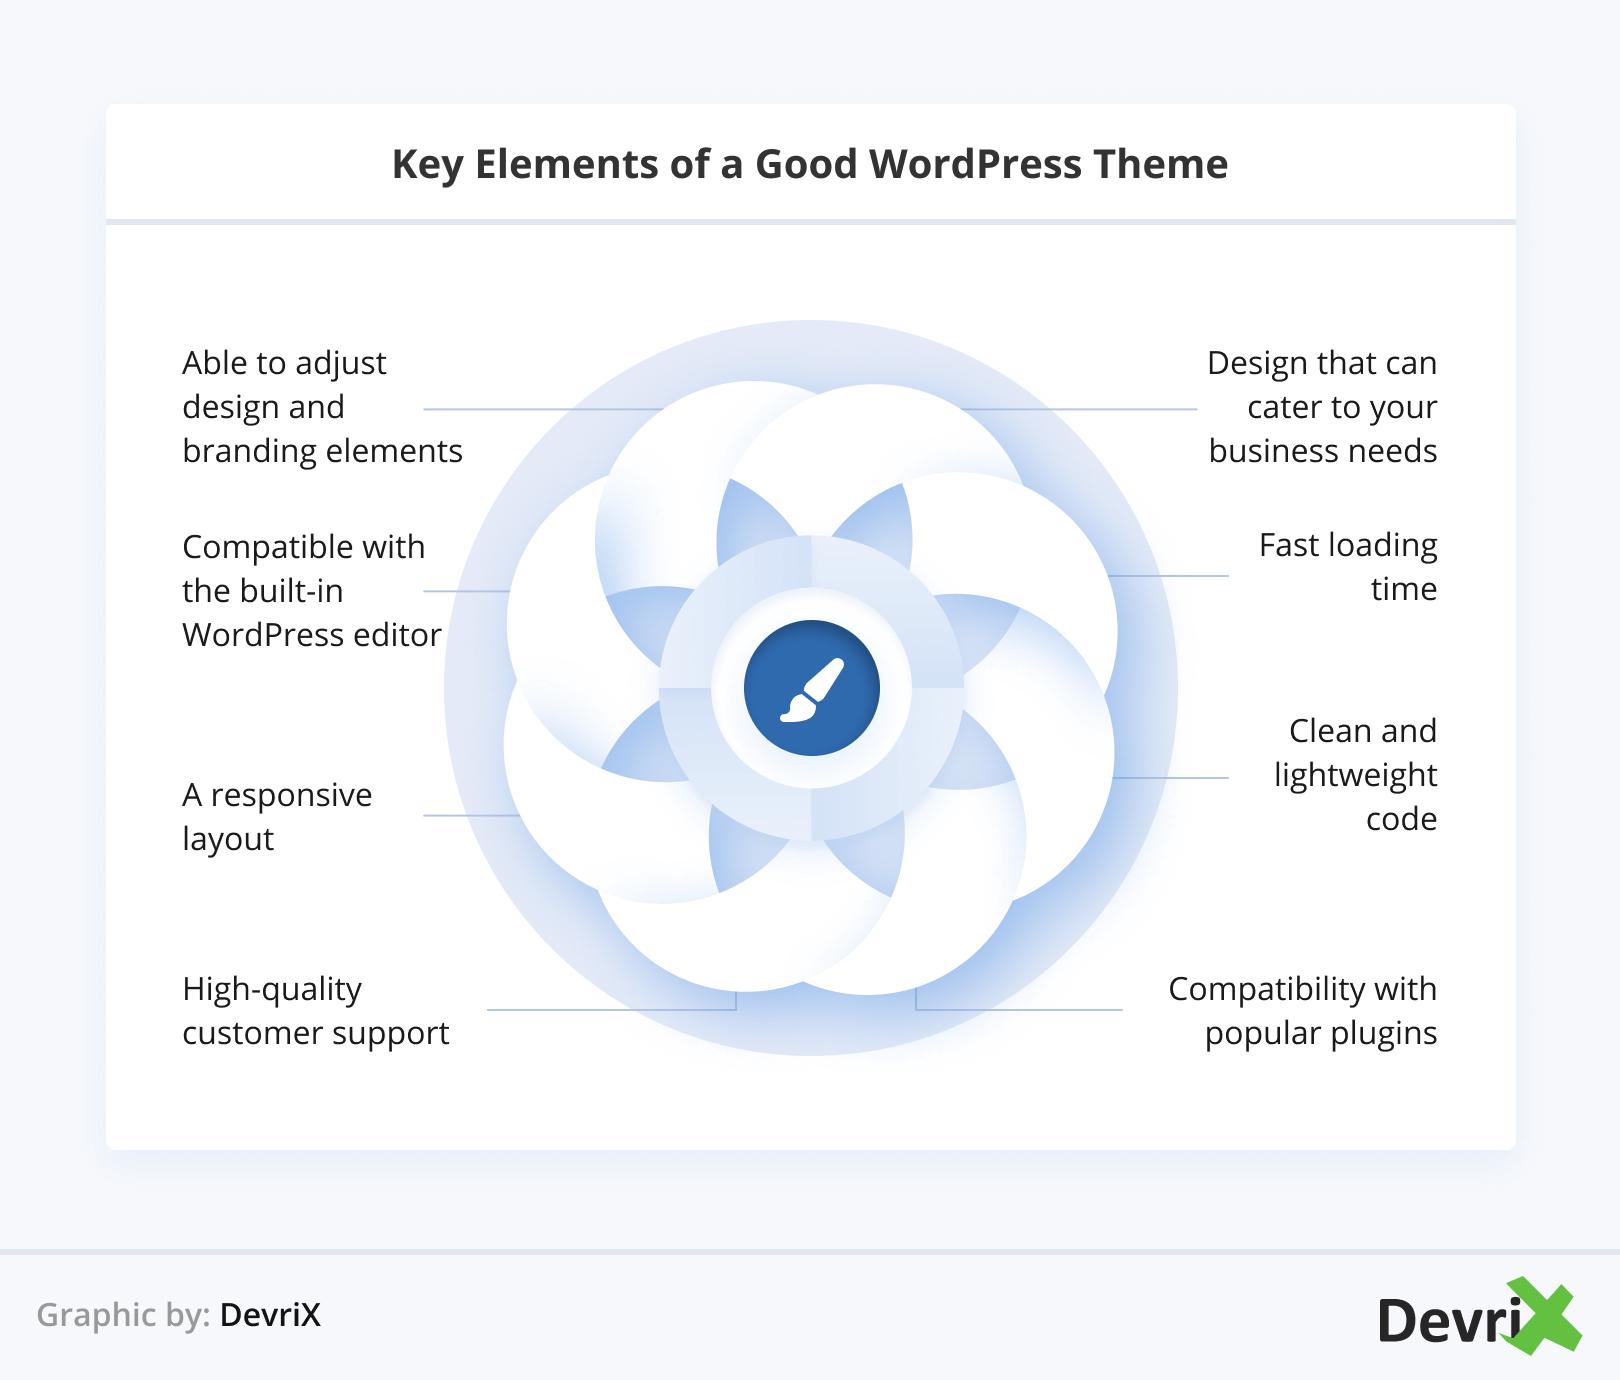 Key Elements of a Good WordPress Theme